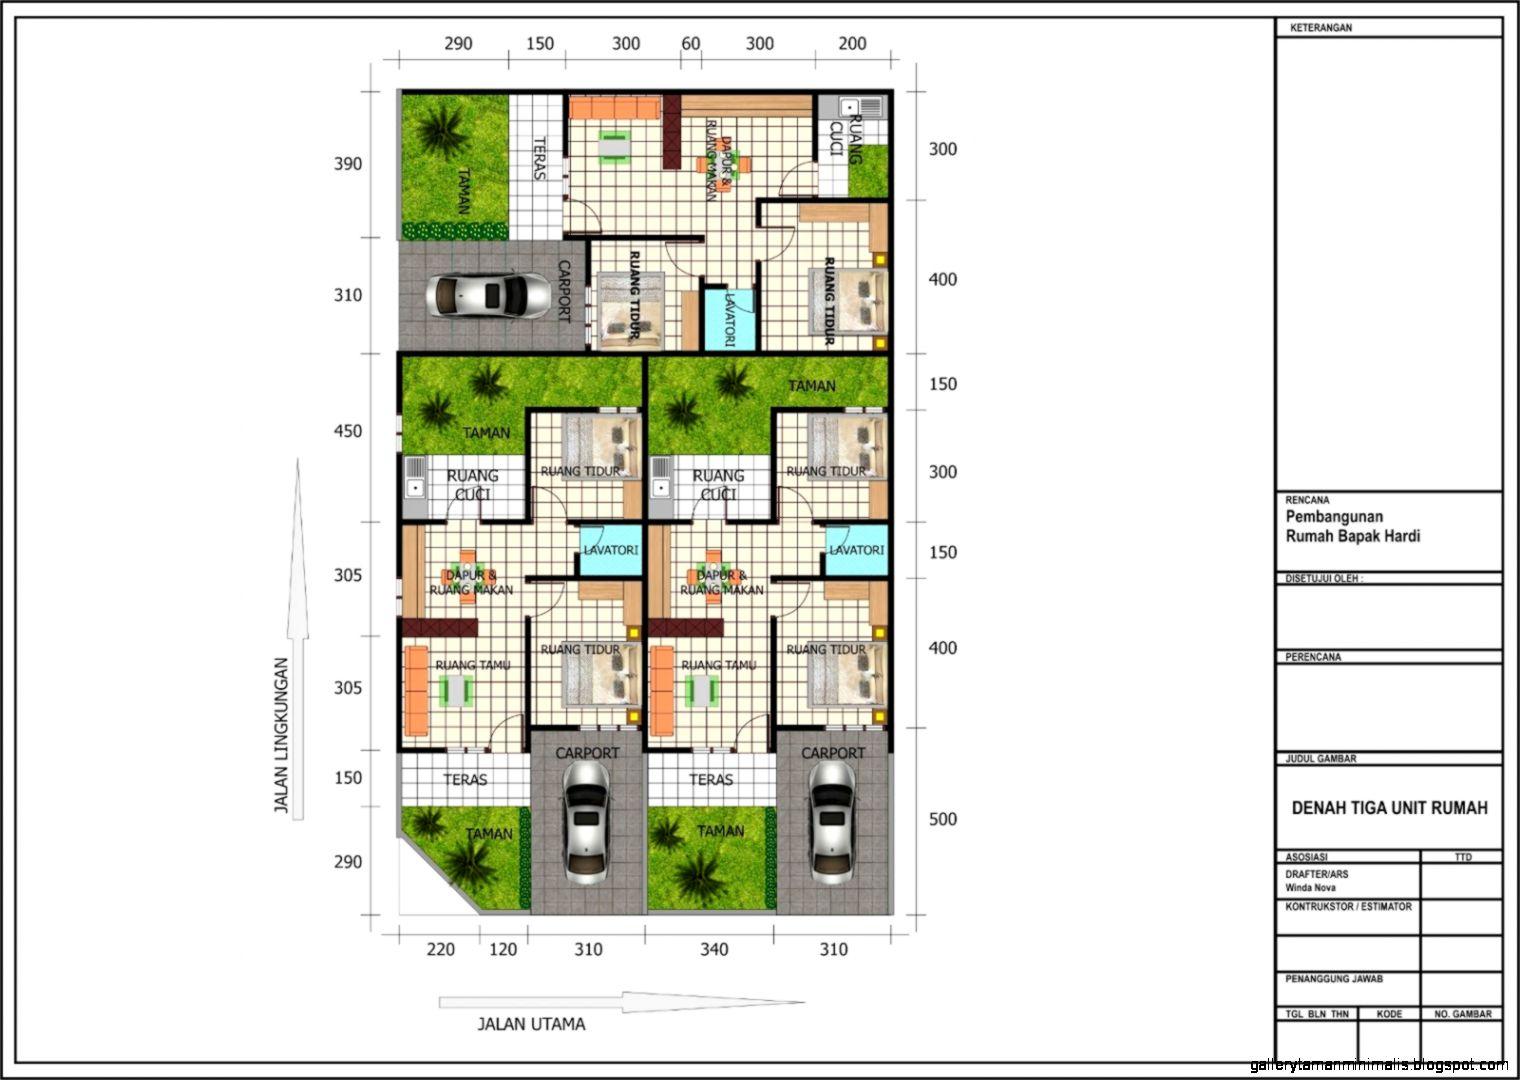 Model Denah Rumah Minimalis Gallery Taman Minimalis